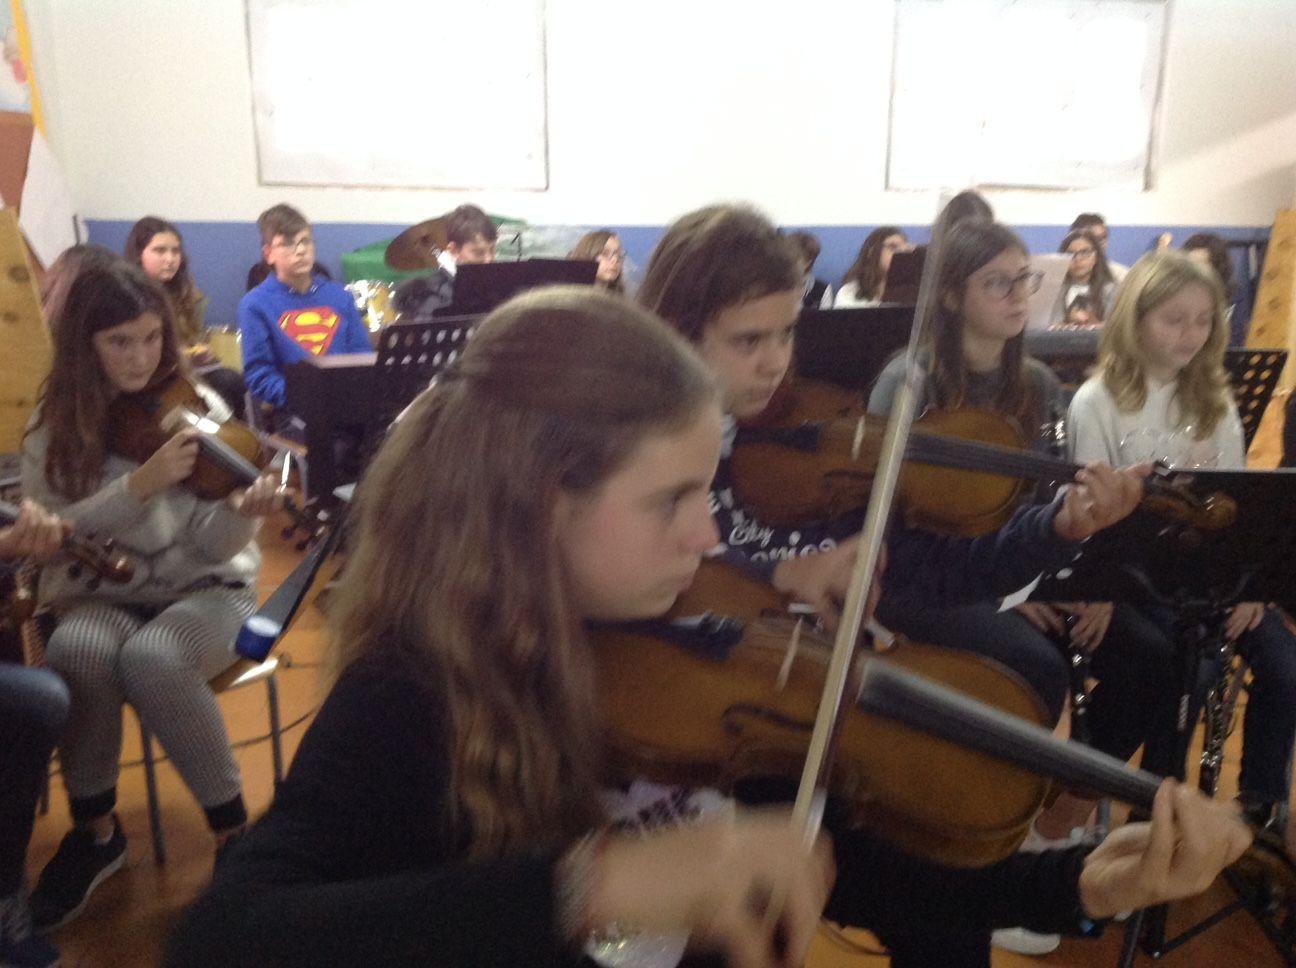 ecco un dettaglio di violini che accompagnano i brani eseguiti.